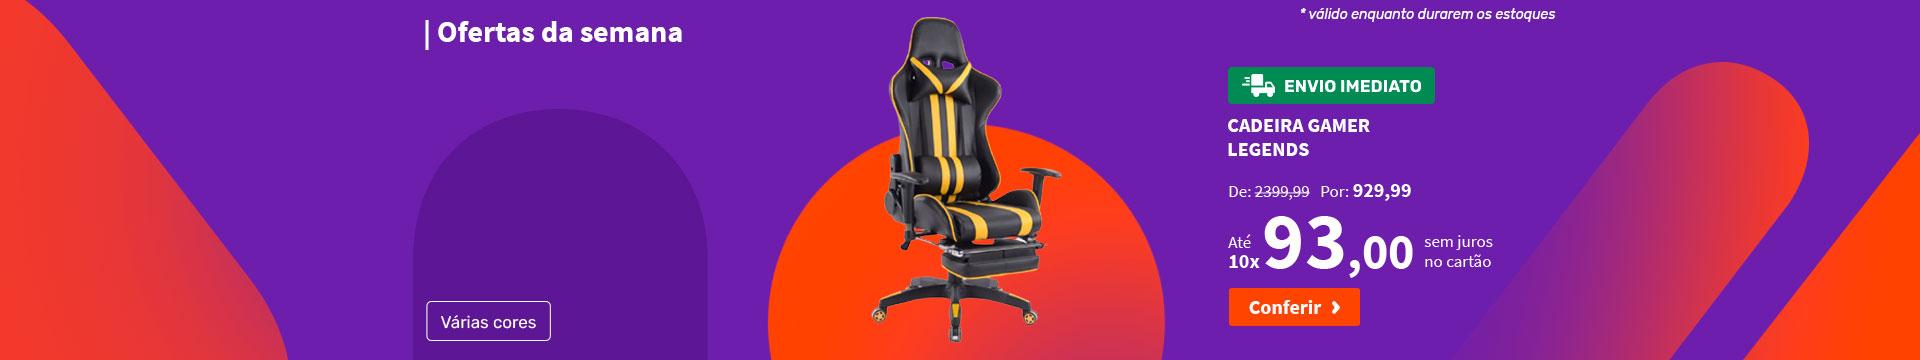 Cadeira Gamer Legends - Ofertas da semana